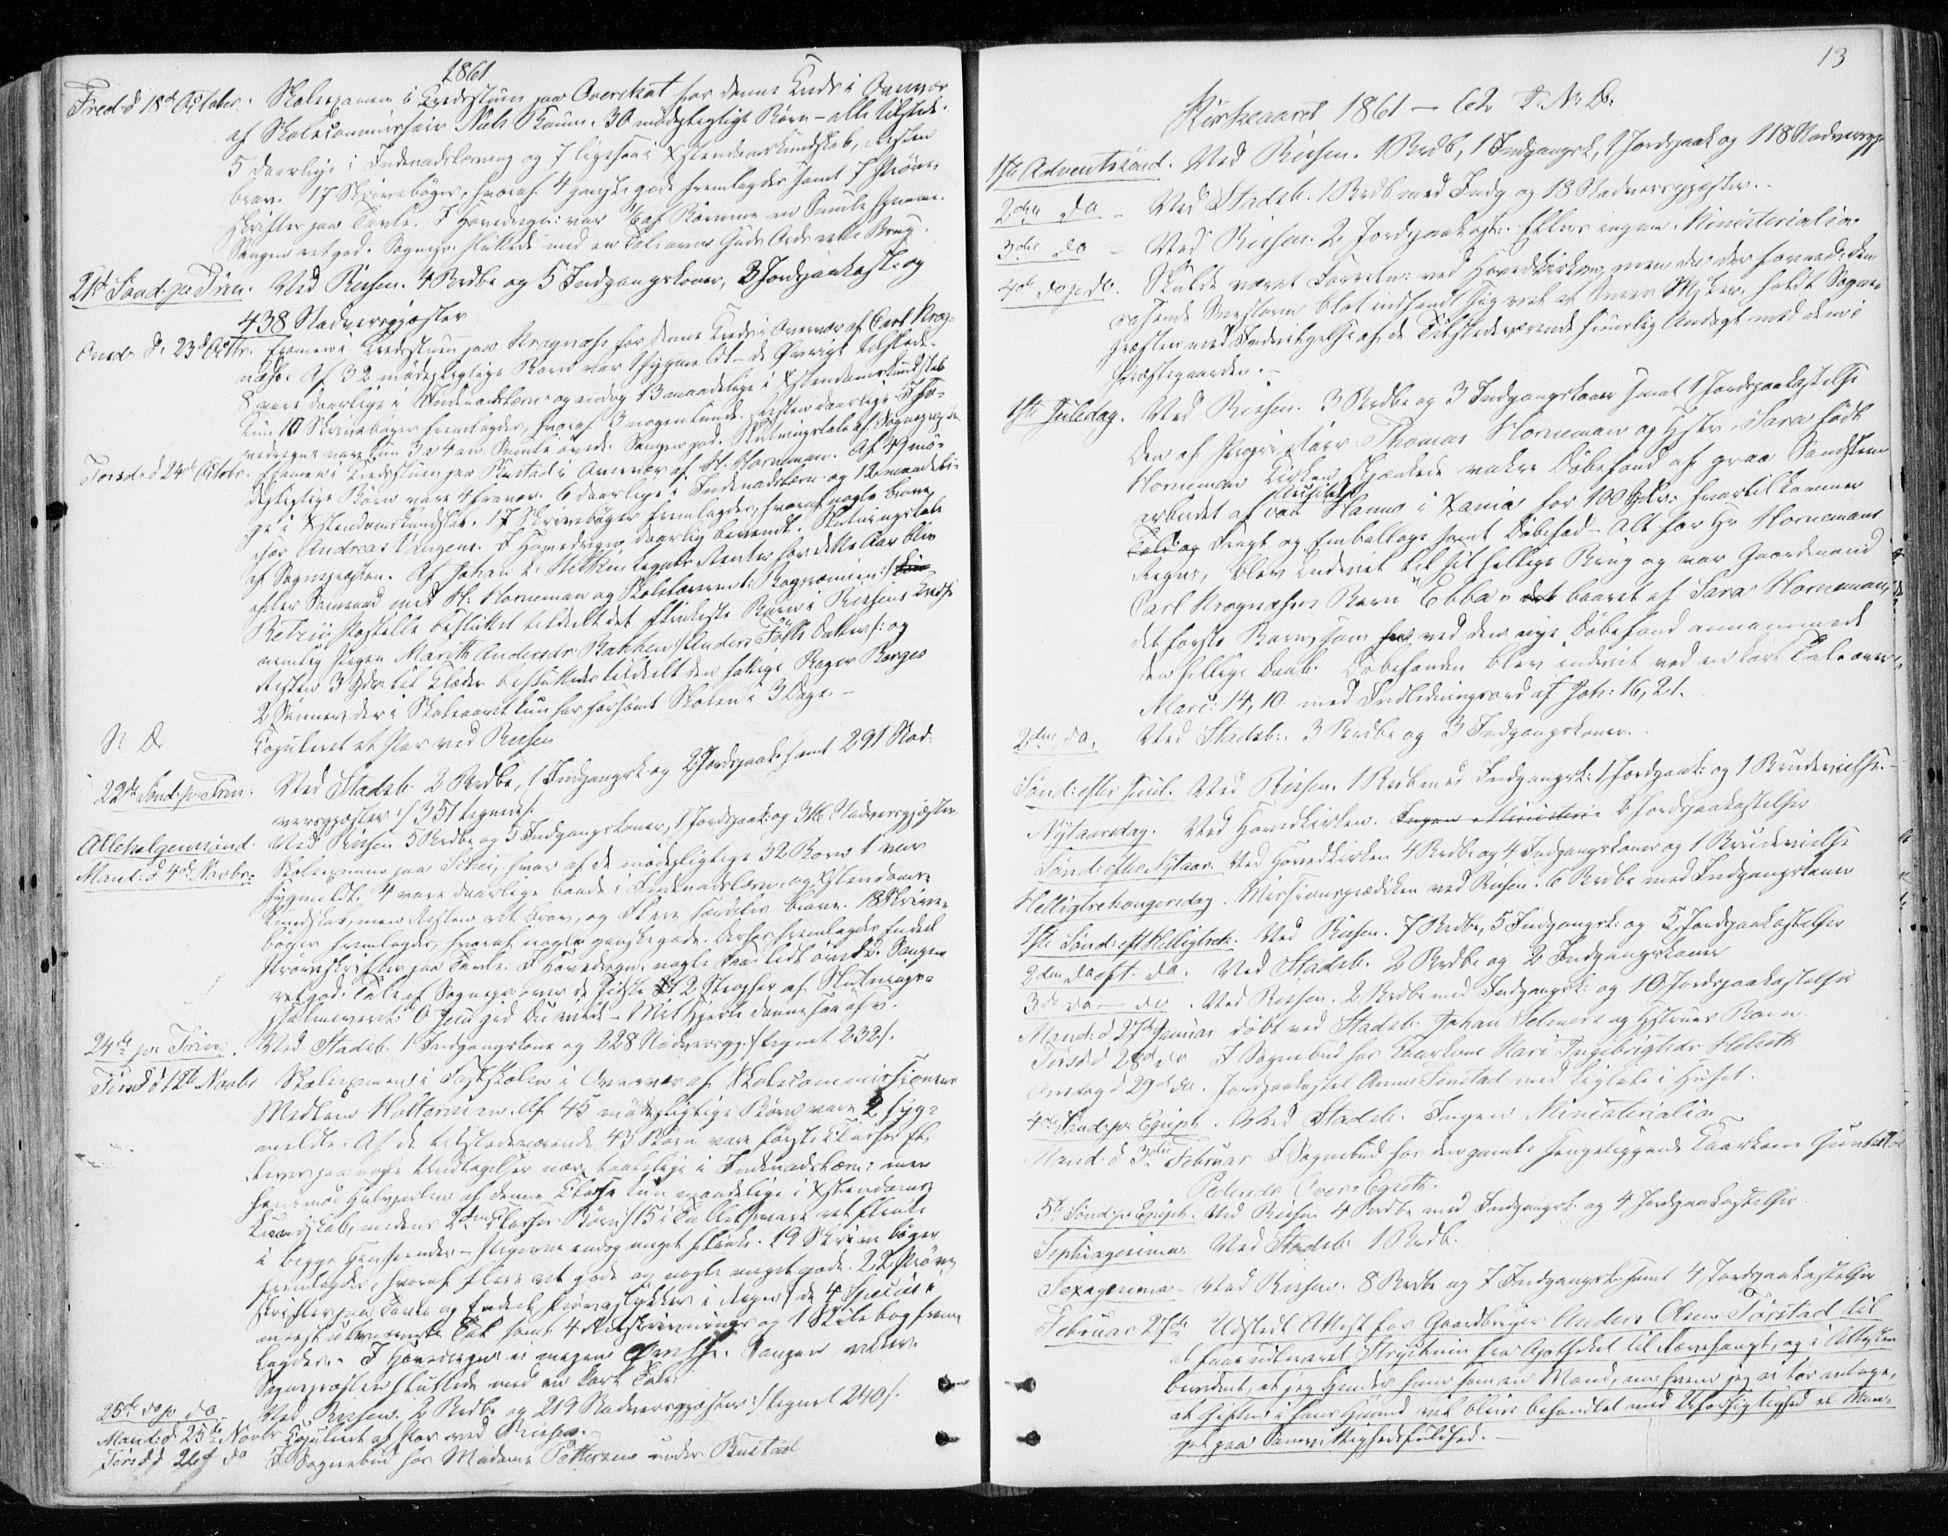 SAT, Ministerialprotokoller, klokkerbøker og fødselsregistre - Sør-Trøndelag, 646/L0612: Ministerialbok nr. 646A10, 1858-1869, s. 13